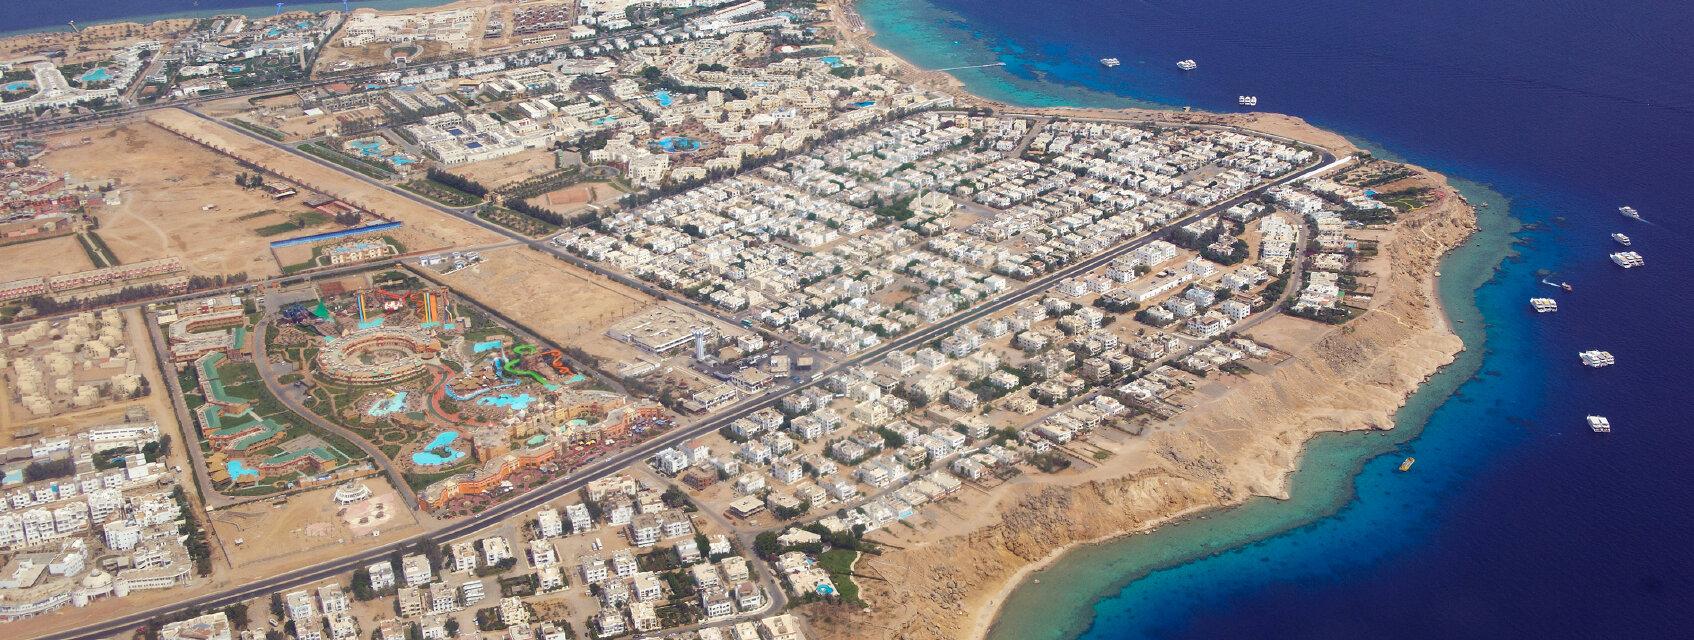 Поиск отелей в Шарм-эль-Шейхе